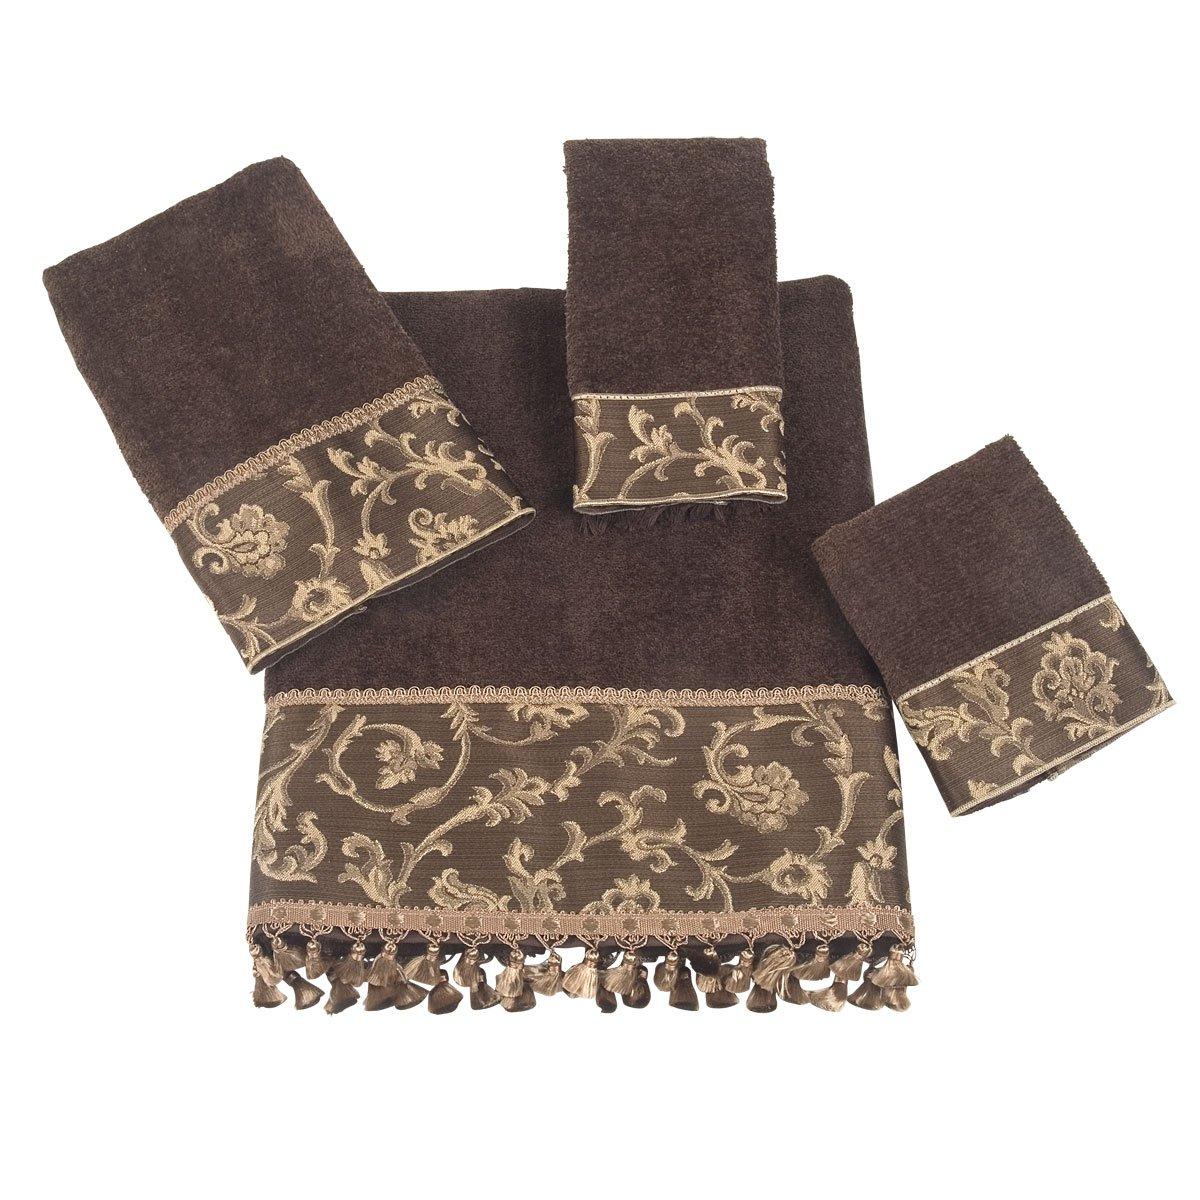 Avanti Damask Fringe 4-Piece Towel Set, Mocha